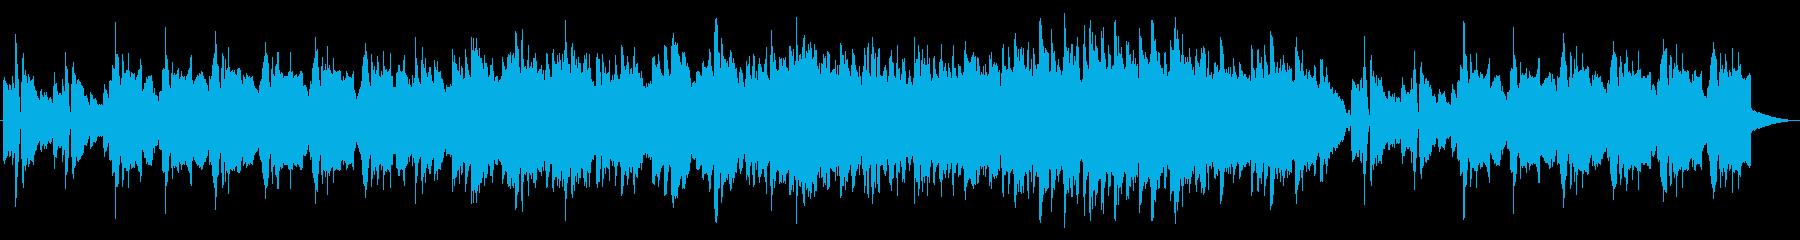 清涼感 和風メロ 笛 ほのぼのの再生済みの波形